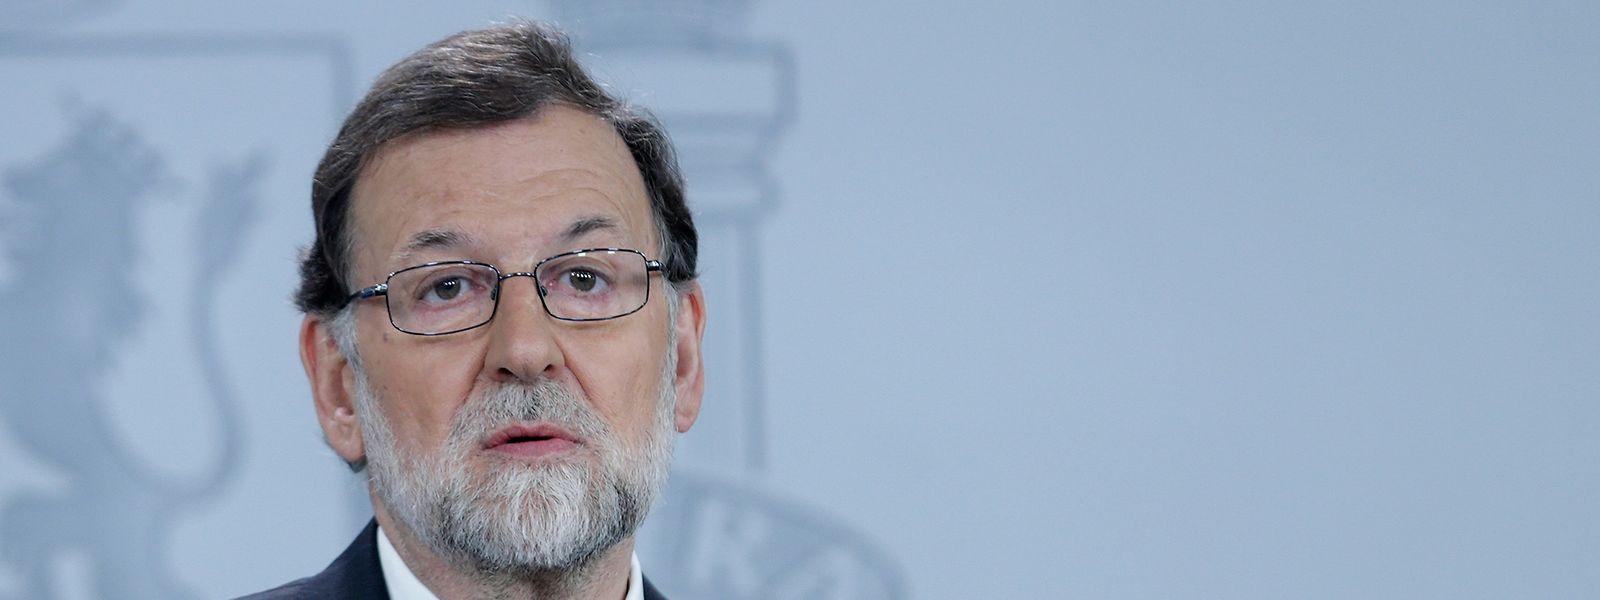 HANDOUT - 25.05.2018, Spanien, Madrid: Dieses von der spanischen Regierung zur Verfügung gestellte Foto zeigt Mariano Rajoy, Ministerpräsident von Spanien, bei einer Pressekonferenz. Rajoy hat am 25.05.2018 einen von der Opposition gegen ihn eingebrachten Misstrauensantrag scharf kritisiert. Foto: César P.Sendra/Pool Moncloa/dpa - ACHTUNG: Nur zur redaktionellen Verwendung im Zusammenhang mit der aktuellen Berichterstattung und nur mit vollständiger Nennung des vorstehenden Credits +++ dpa-Bildfunk +++